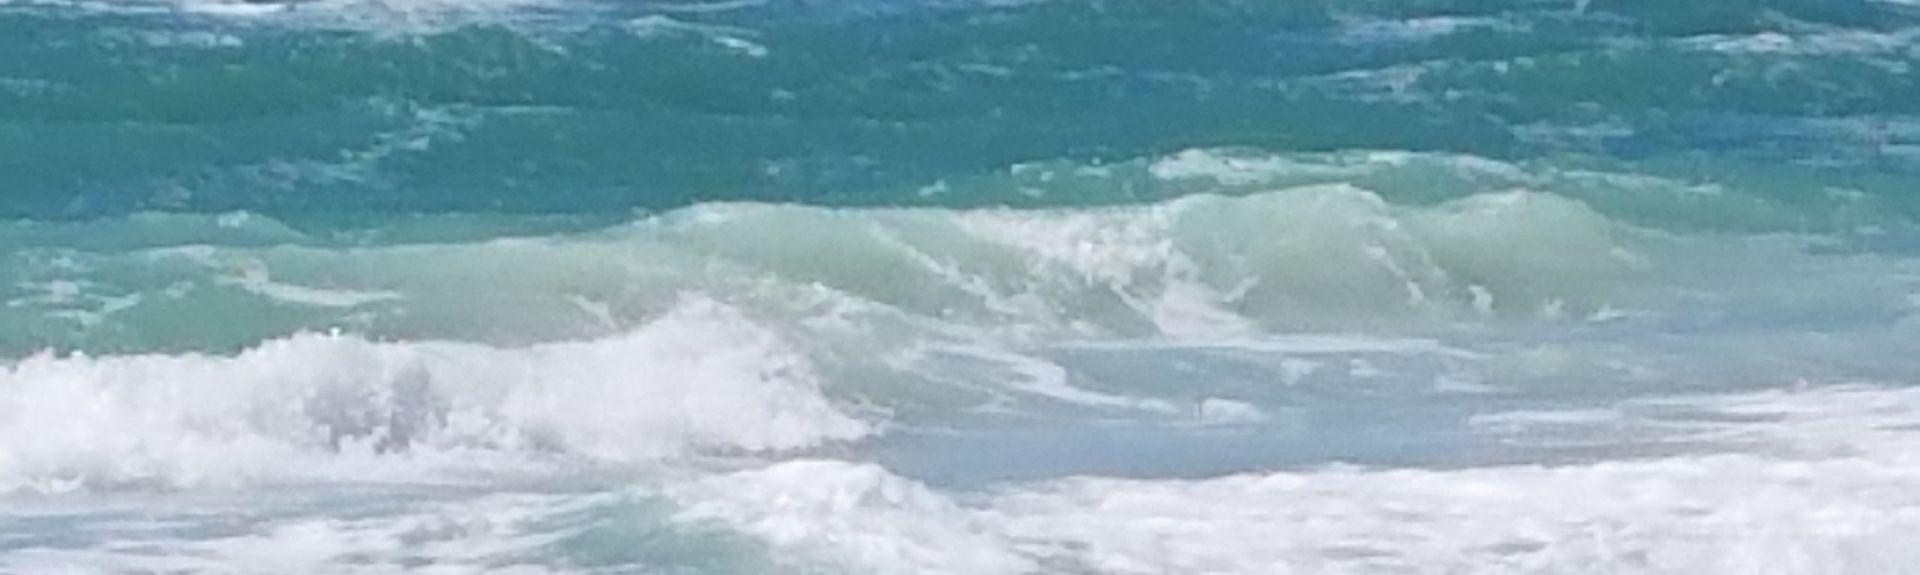 Ilexhurst, Holmes Beach, Florida, Verenigde Staten